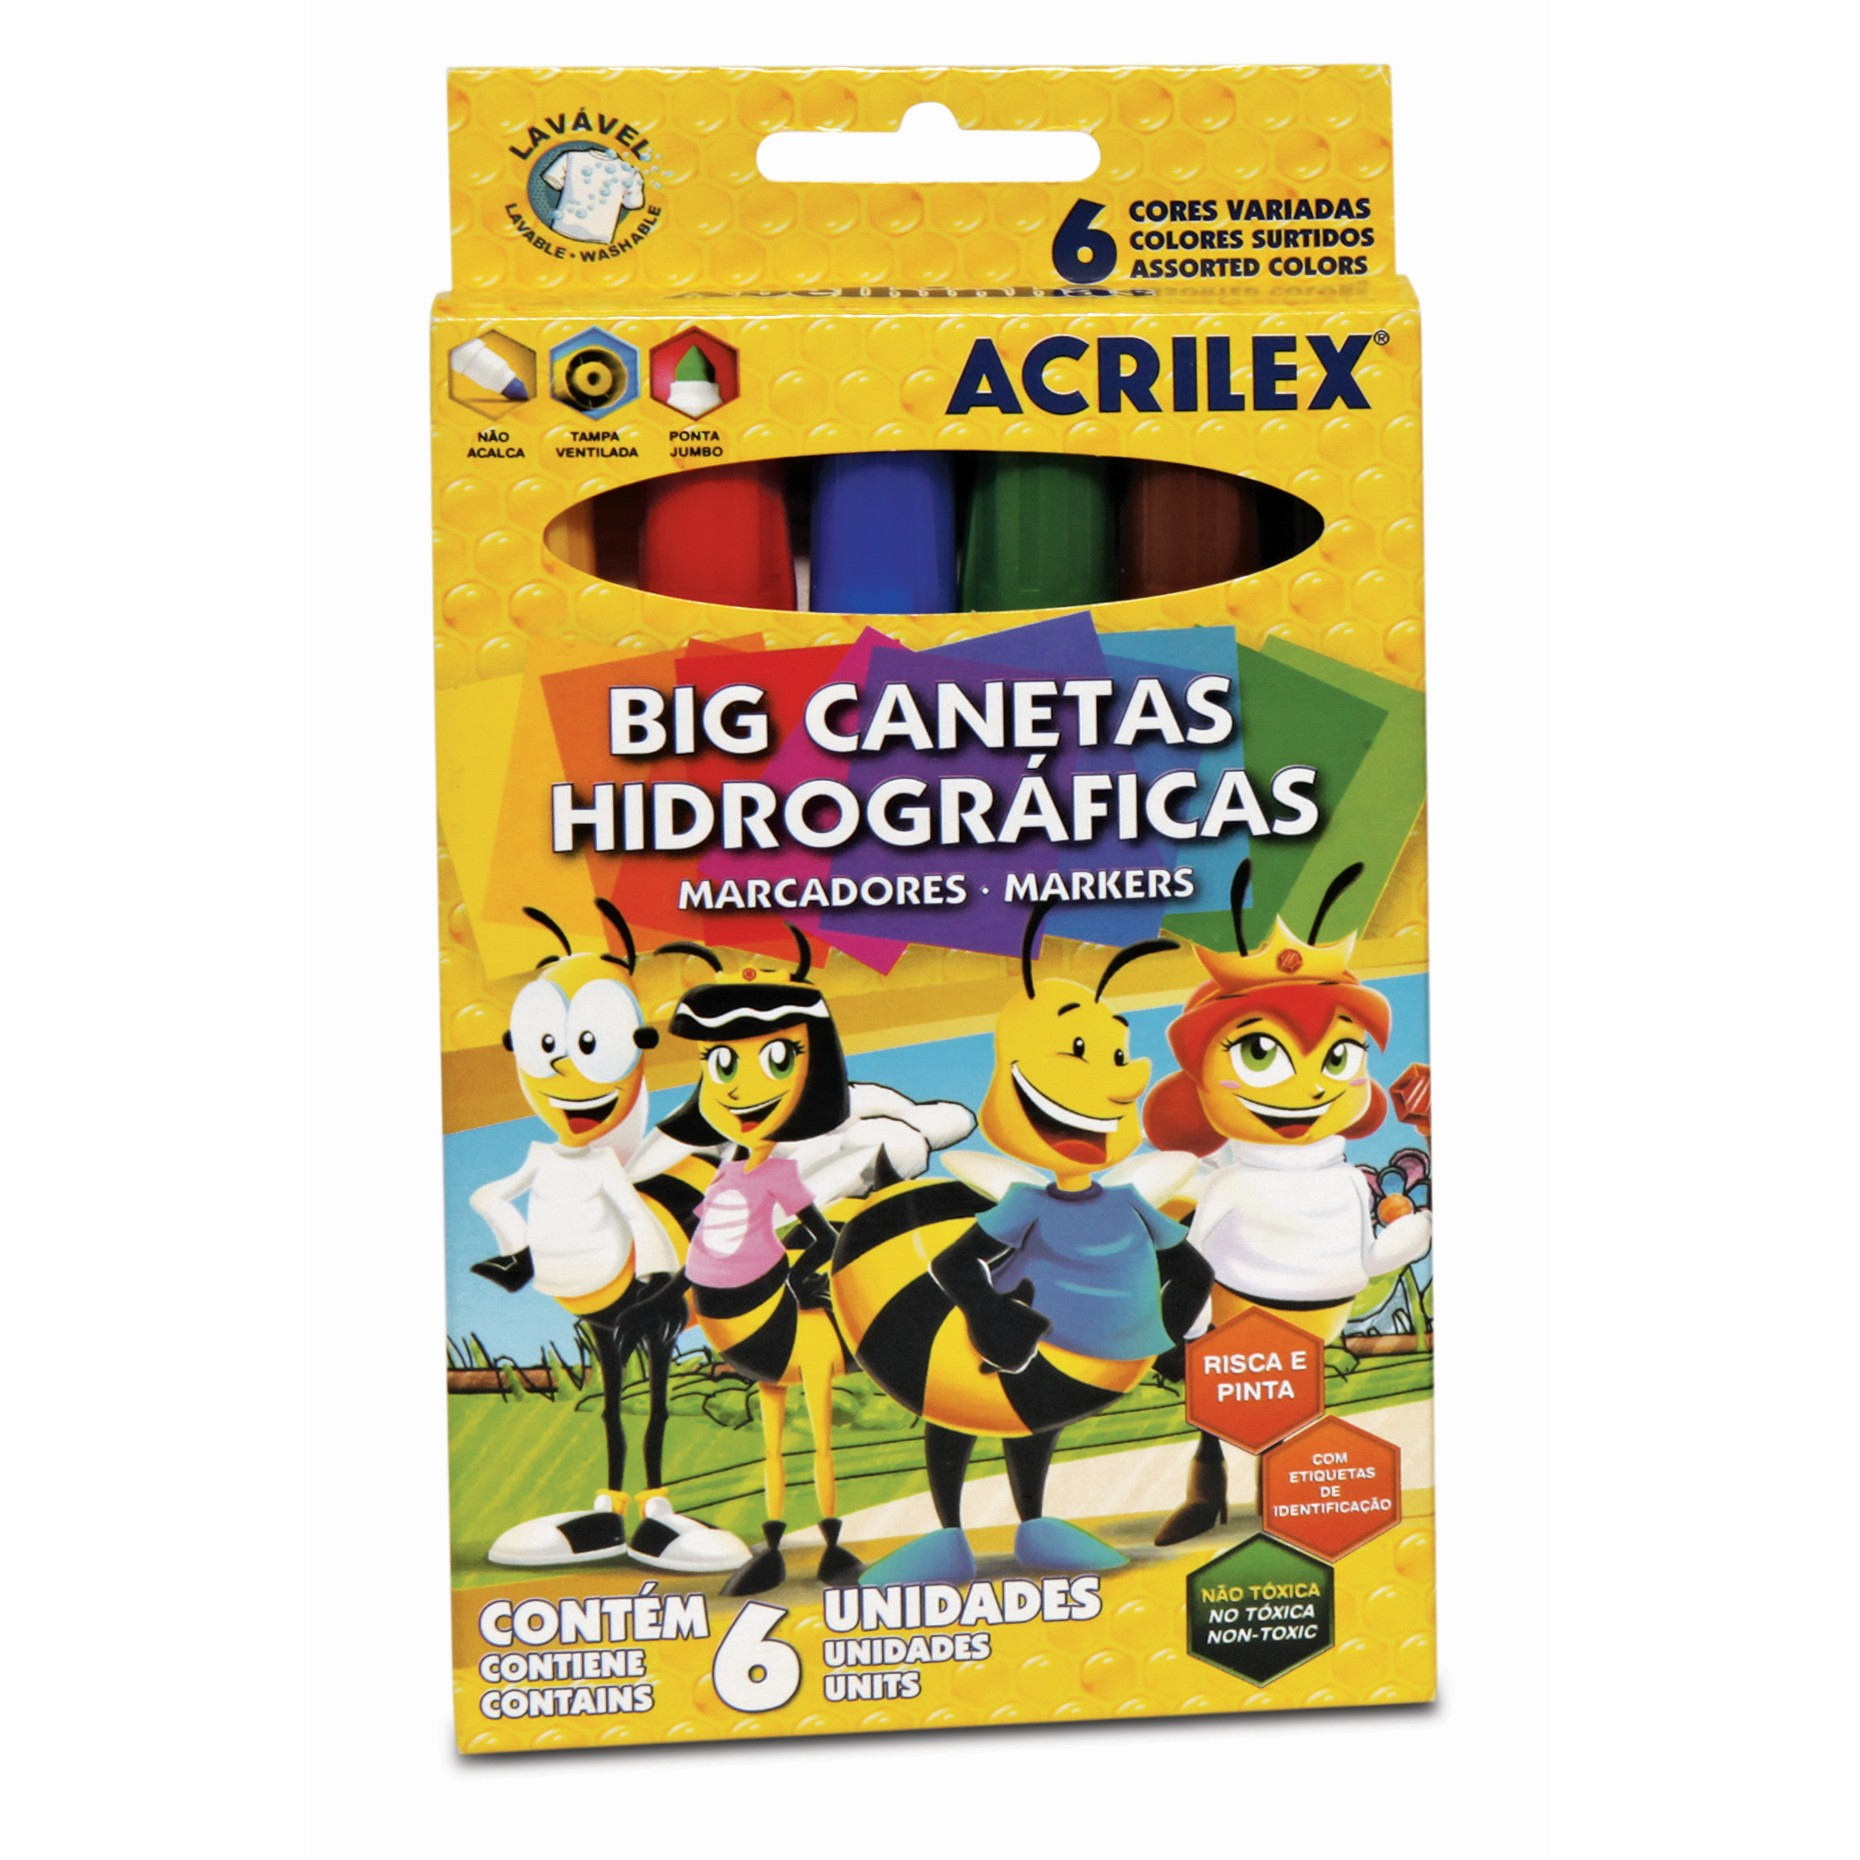 Big Canetas Hidrograficas 6 unidades - Acrilex